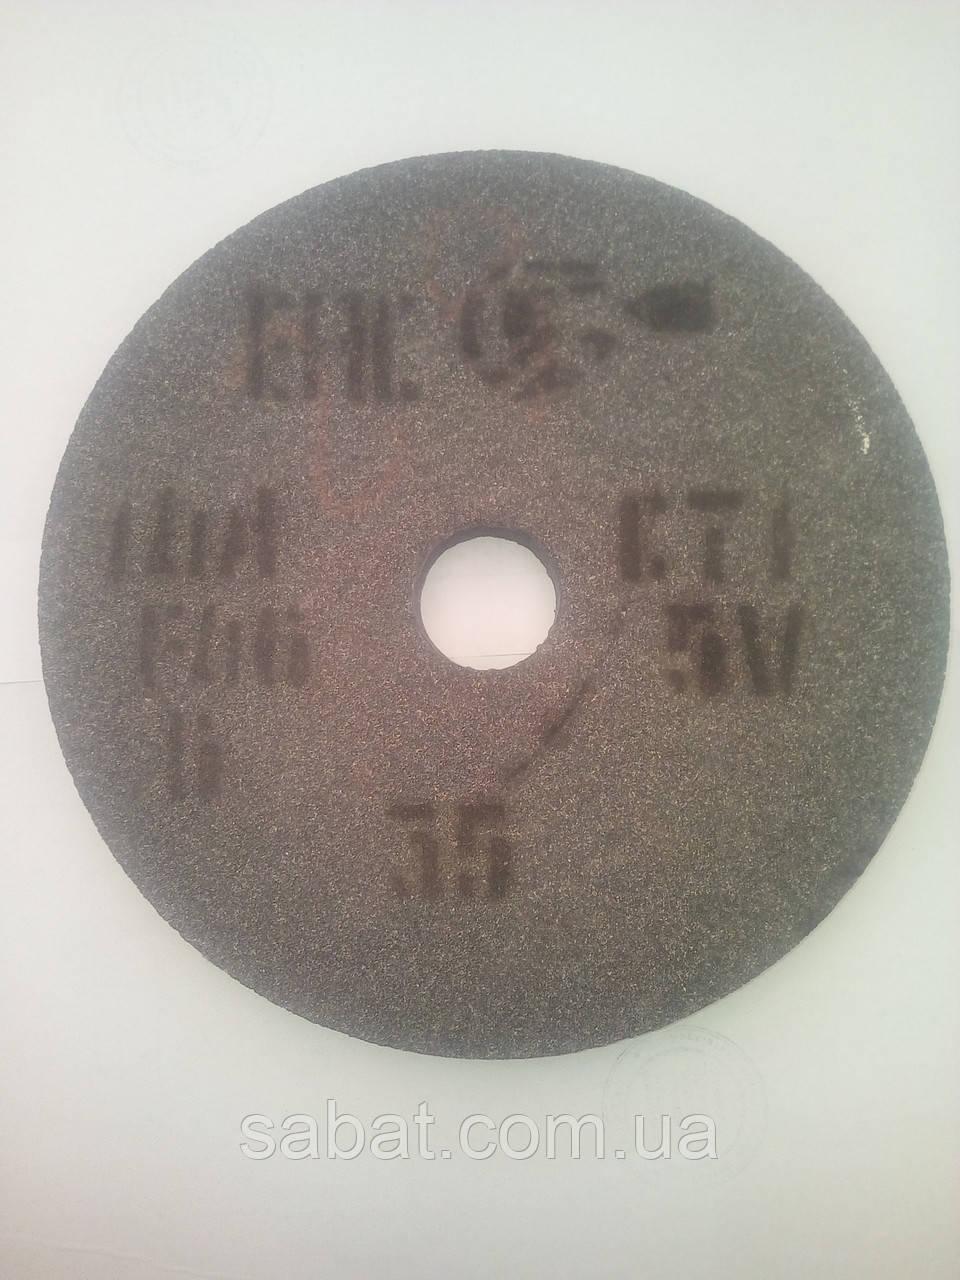 Круг шлифовальный серый 14А F46 -80 СТ-СМ 200х20х32